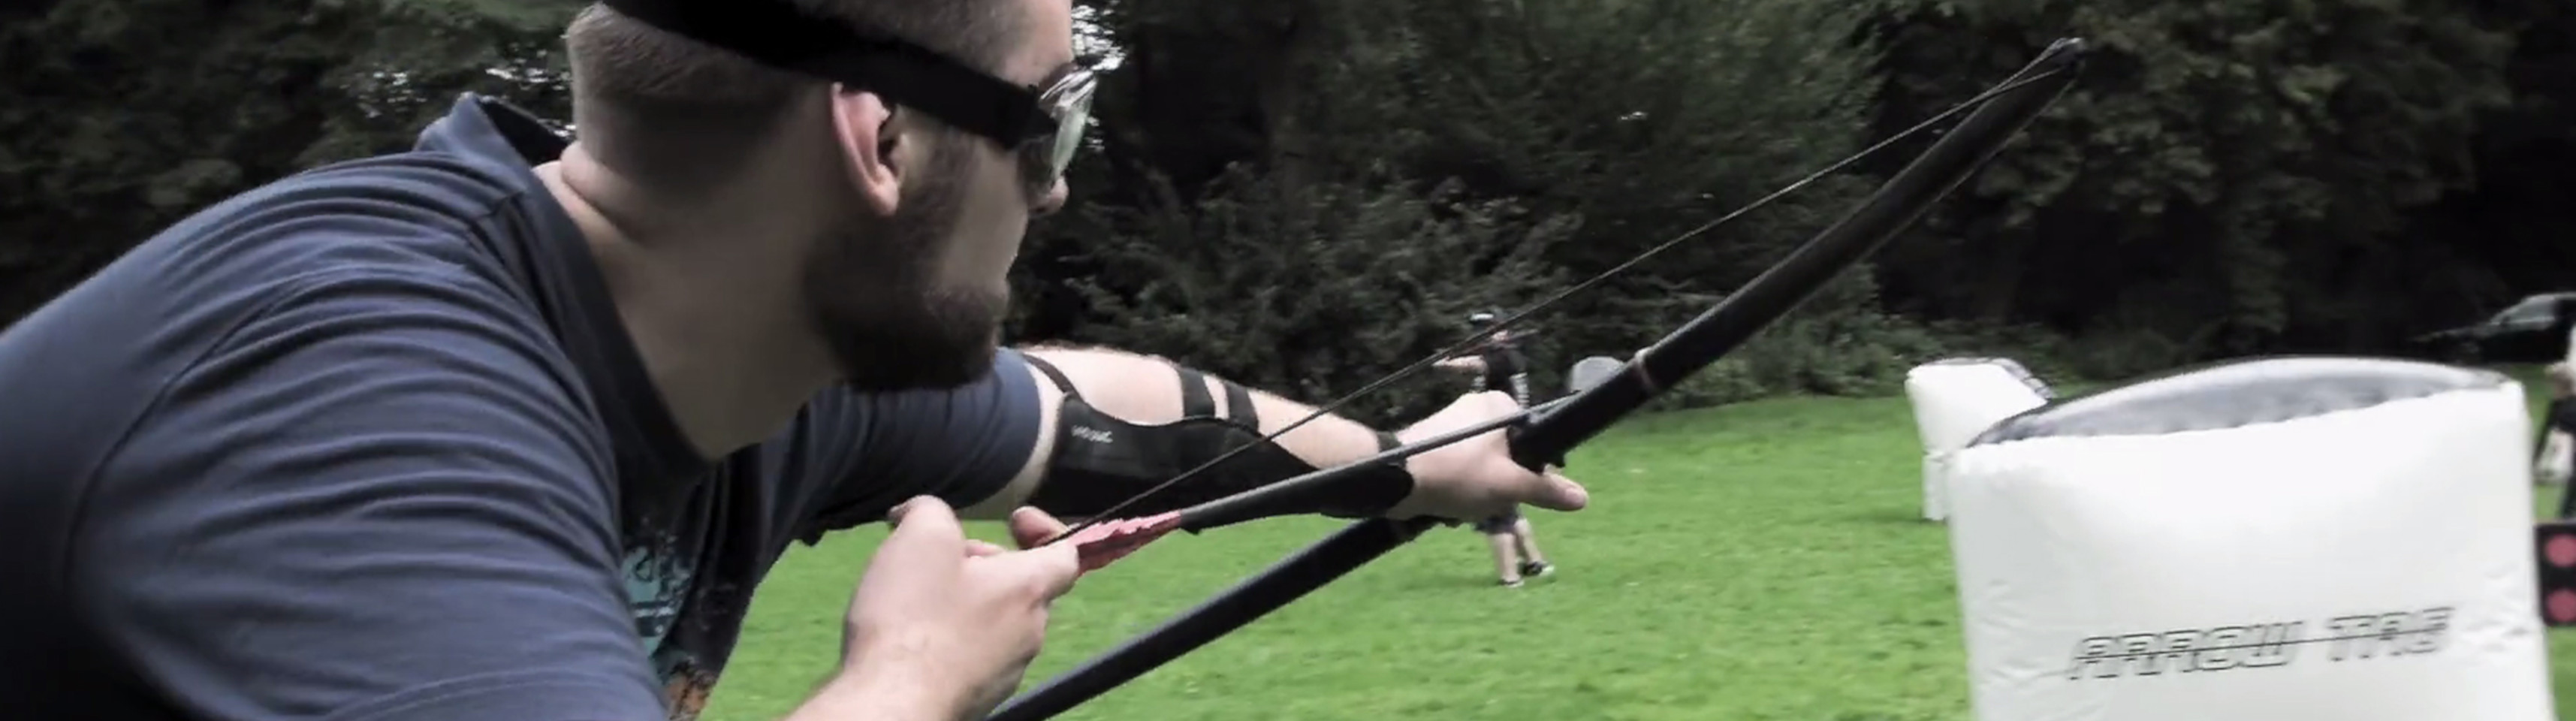 Junger Mann im T-Shirt mit sportlicher Schutzbrille spannt einen Bogen mit einem Pfeil und zielt. Im Hintergrund steht eine Deckung mit der Aufschrift Arrow Tag.